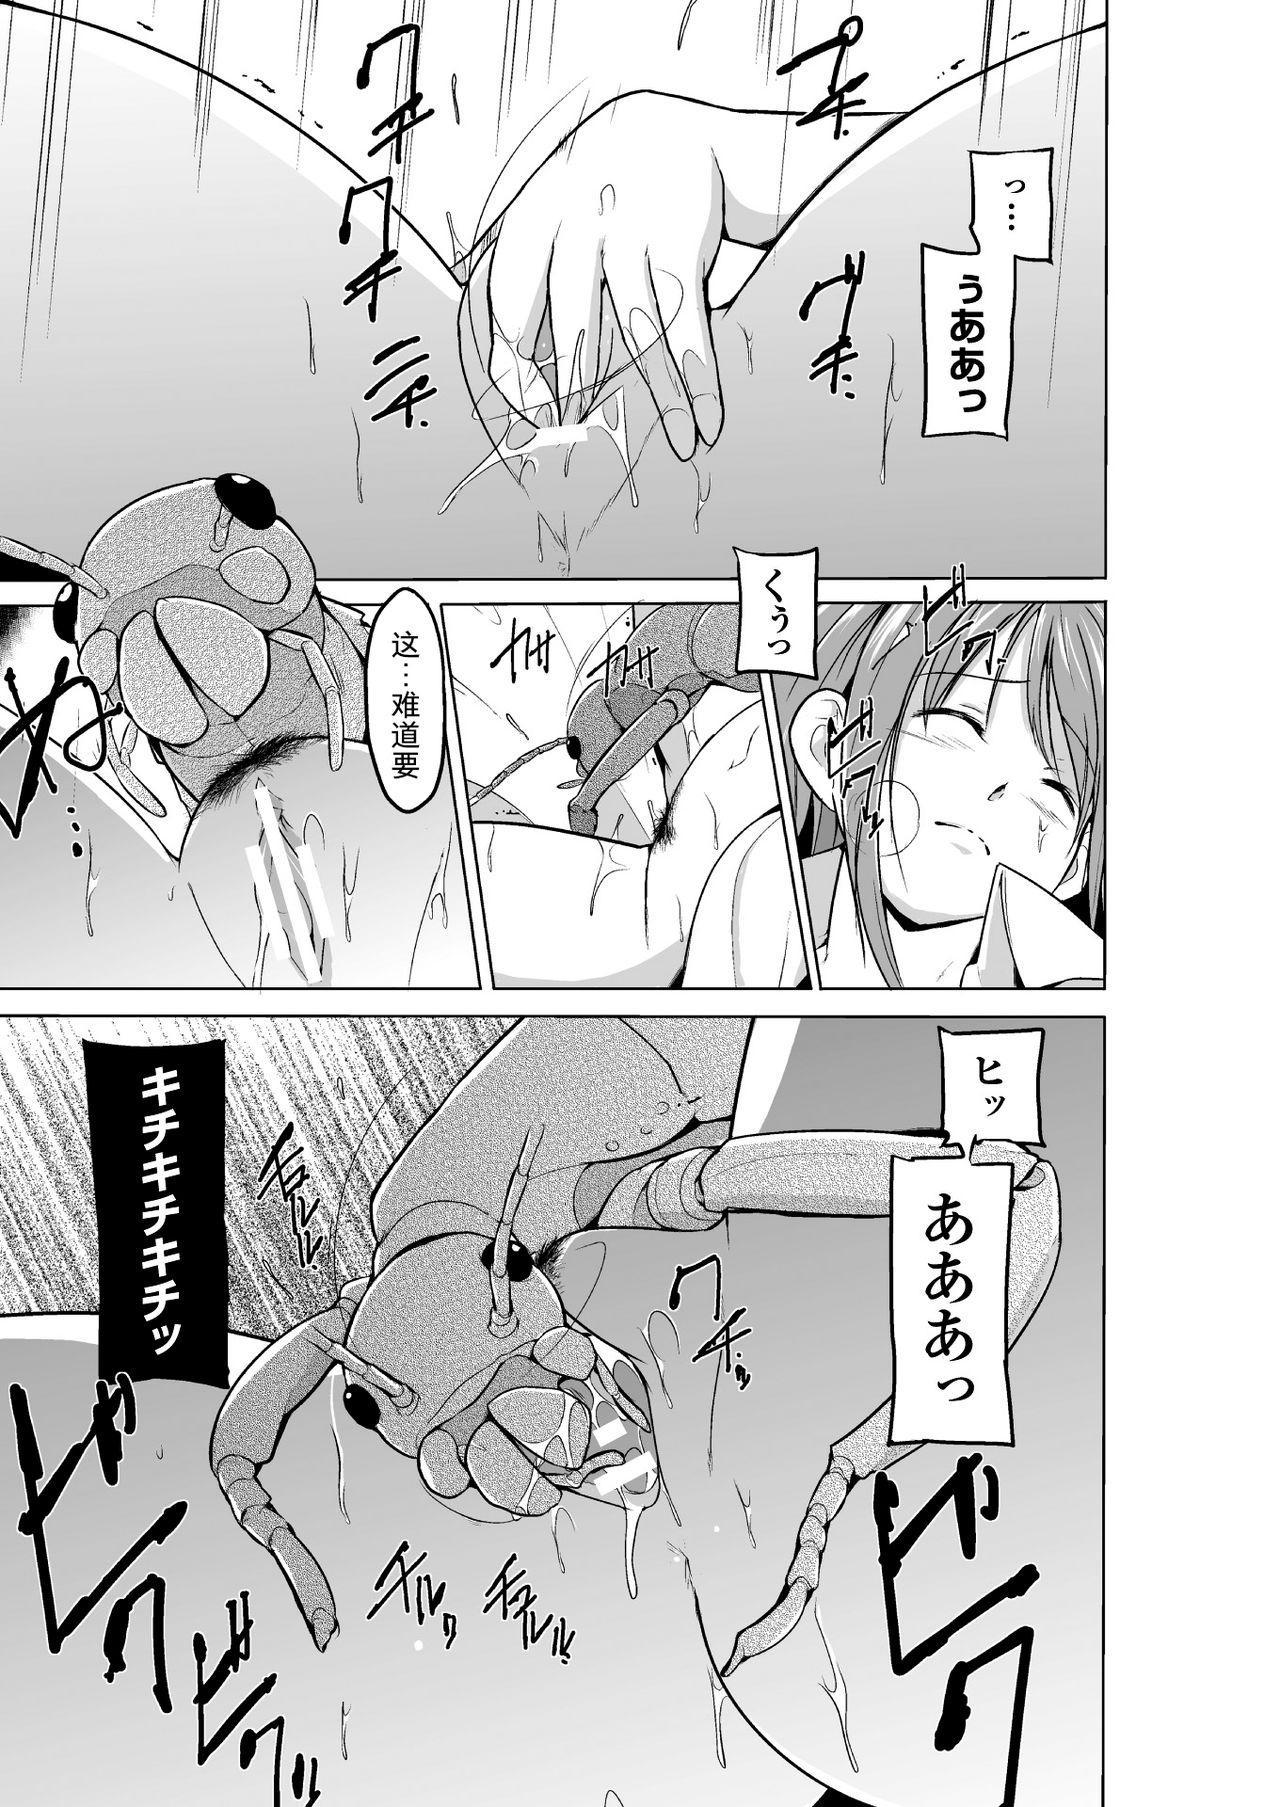 Mushi Asobi 2 Ch. 3 9